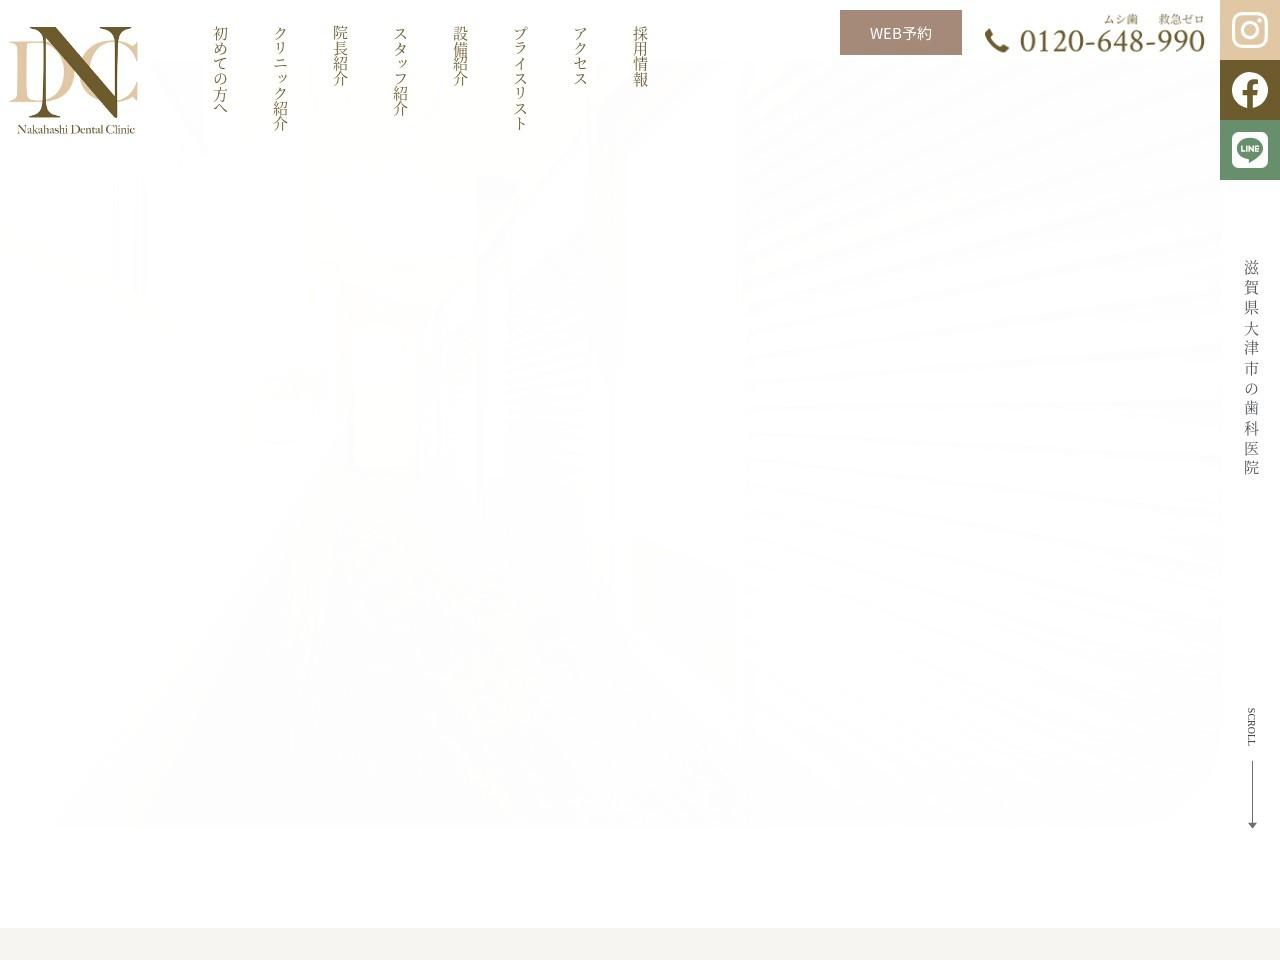 医療法人  中橋歯科医院 (滋賀県大津市)